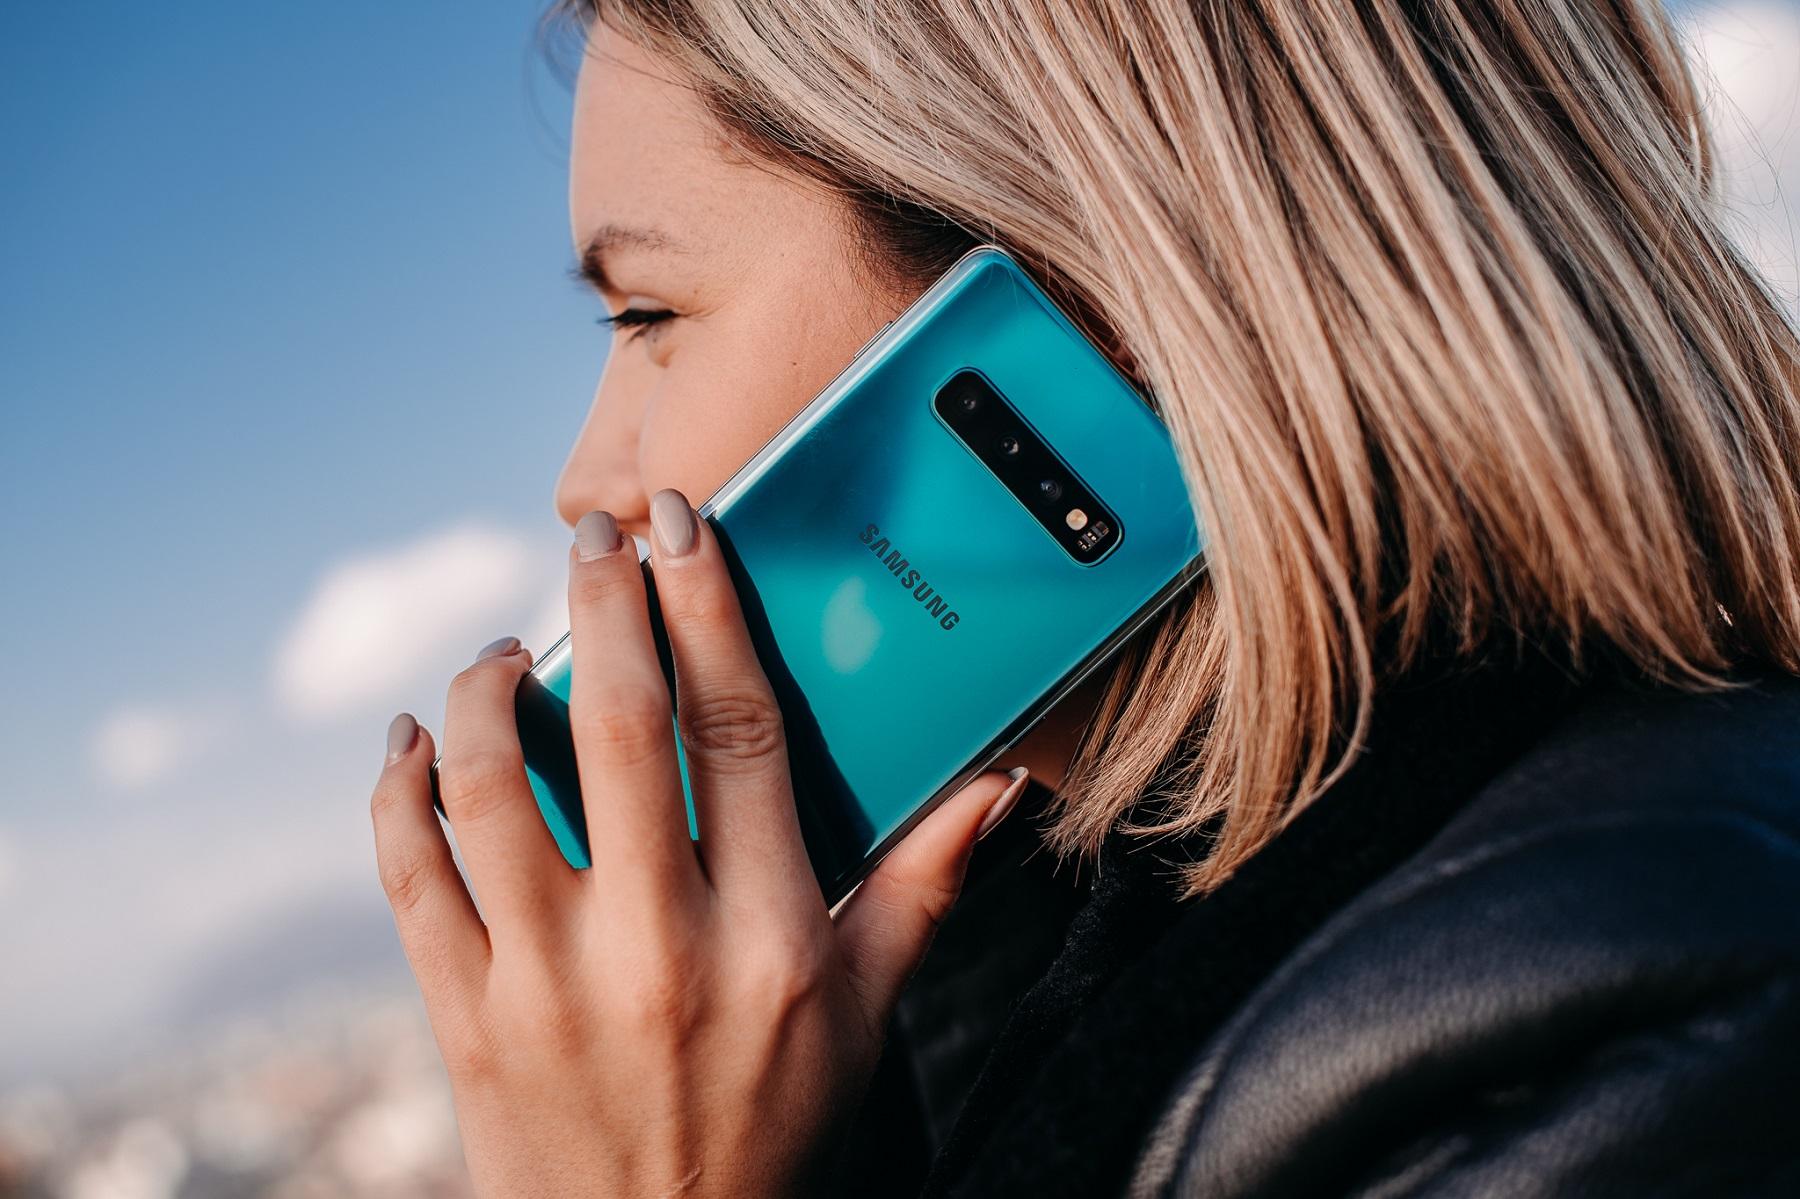 Galaxy S10 dobio značajke Note10 telefona